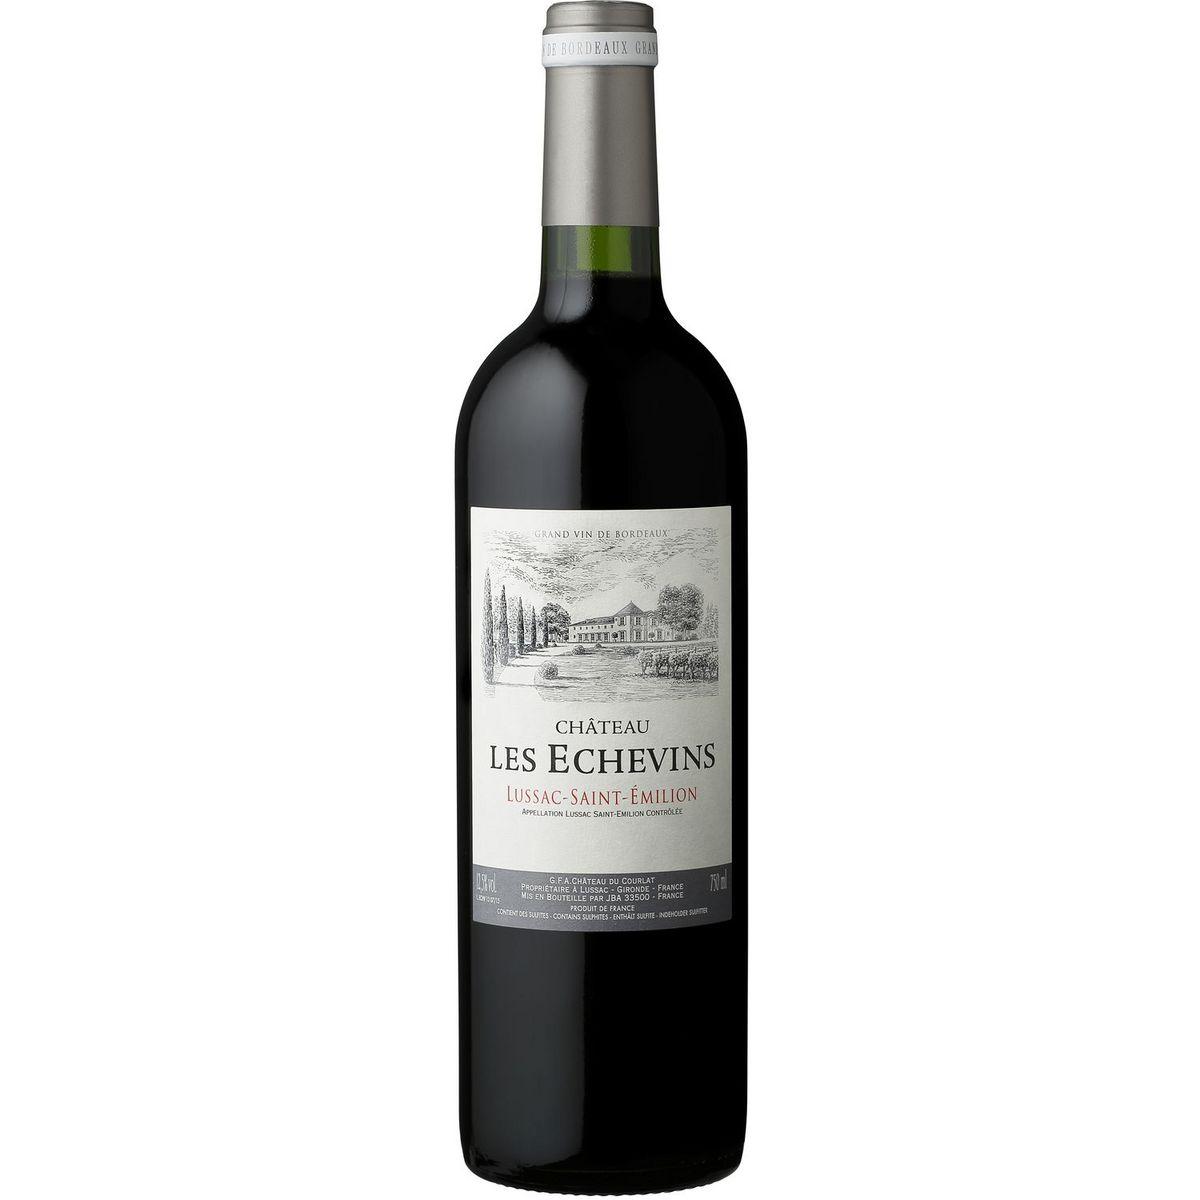 AOP Lussac-Saint-Emilion Château Les Echevins rouge 2018